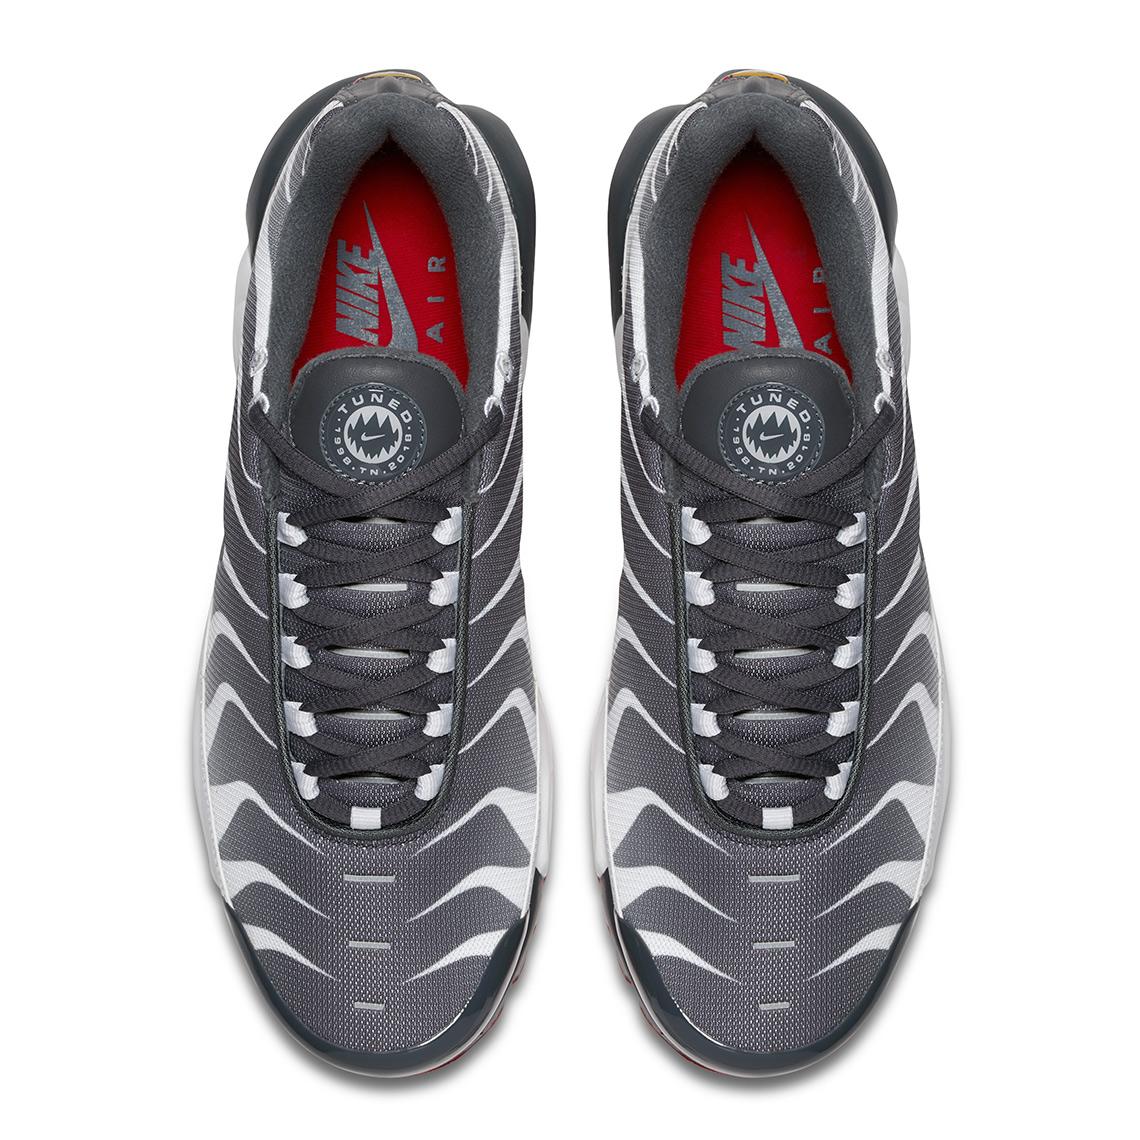 81835926133d9 Nike Tuned Air